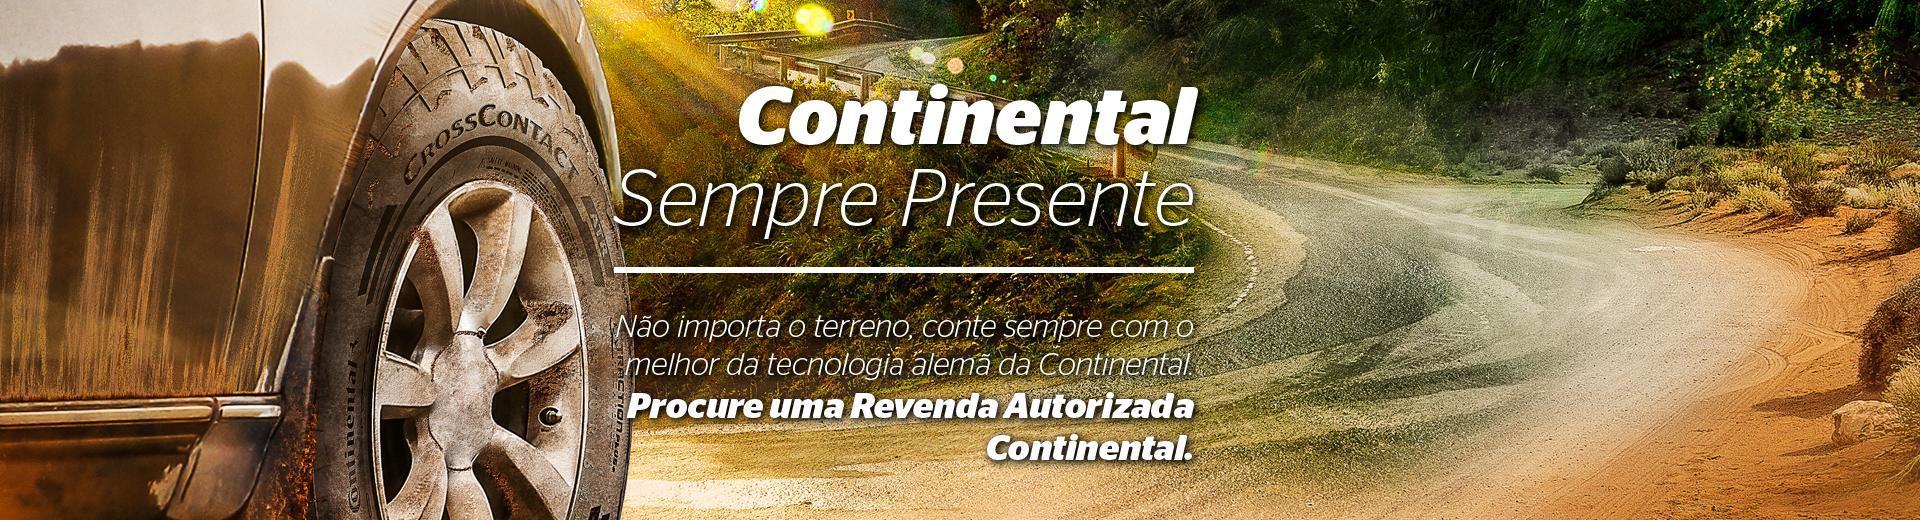 Continental sempre presente